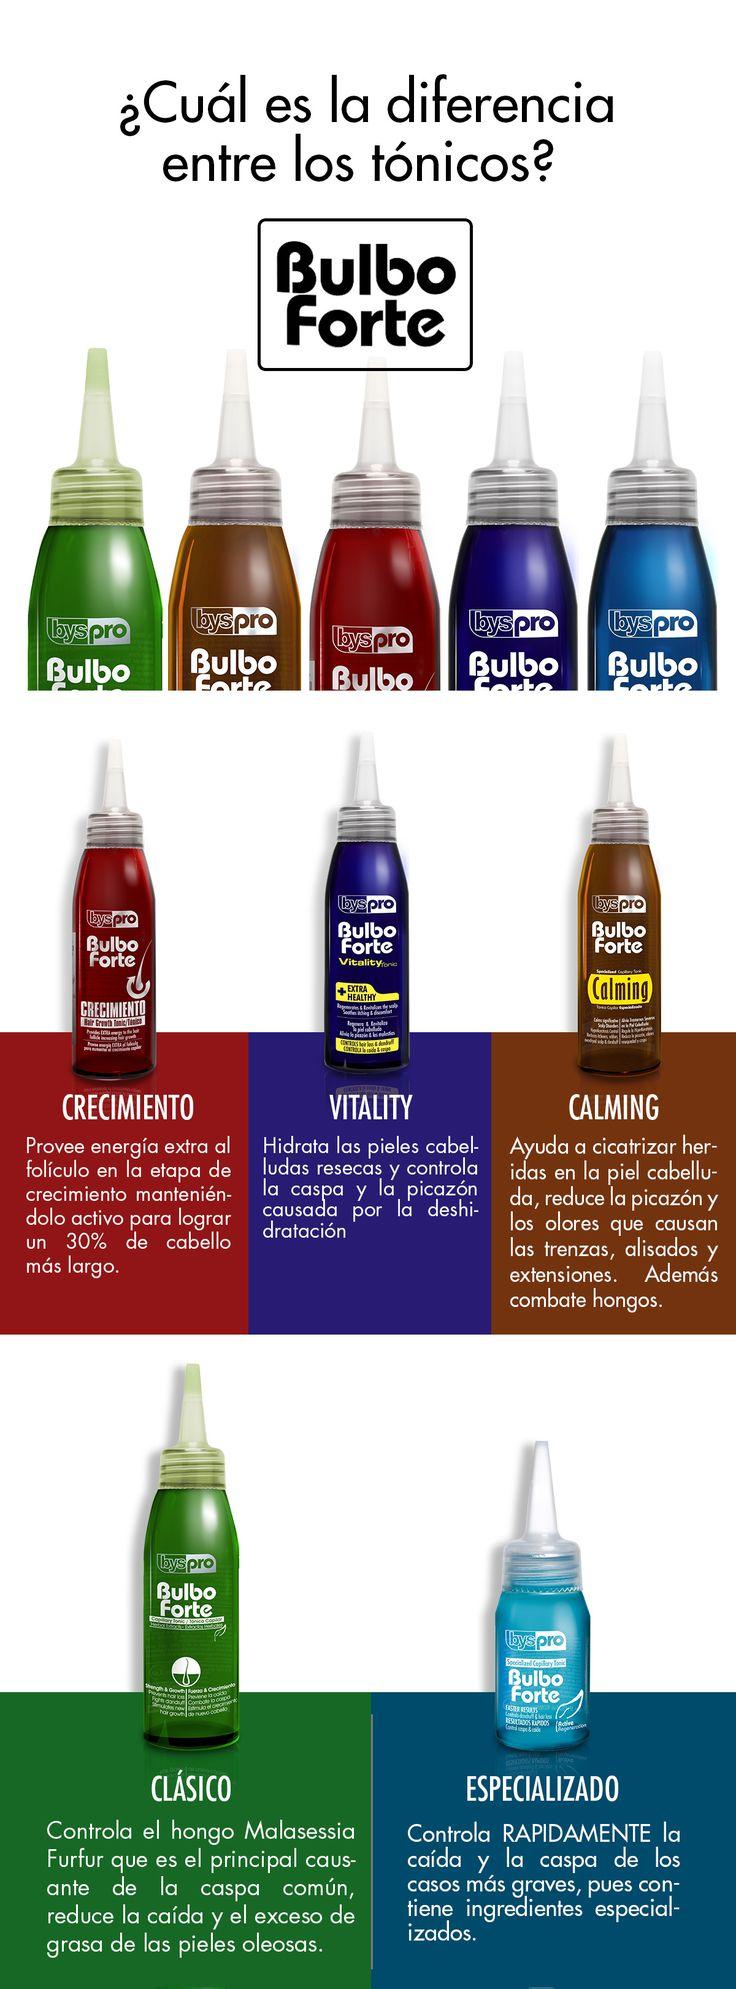 La línea Bulbo Forte fue creada para combatir problemas comunes que afectan la piel cabelluda, los tónicos Bulbo Forte tienen muchas propiedades en común, sin embargo cada uno tiene una especialidad. ¡Conócelas!